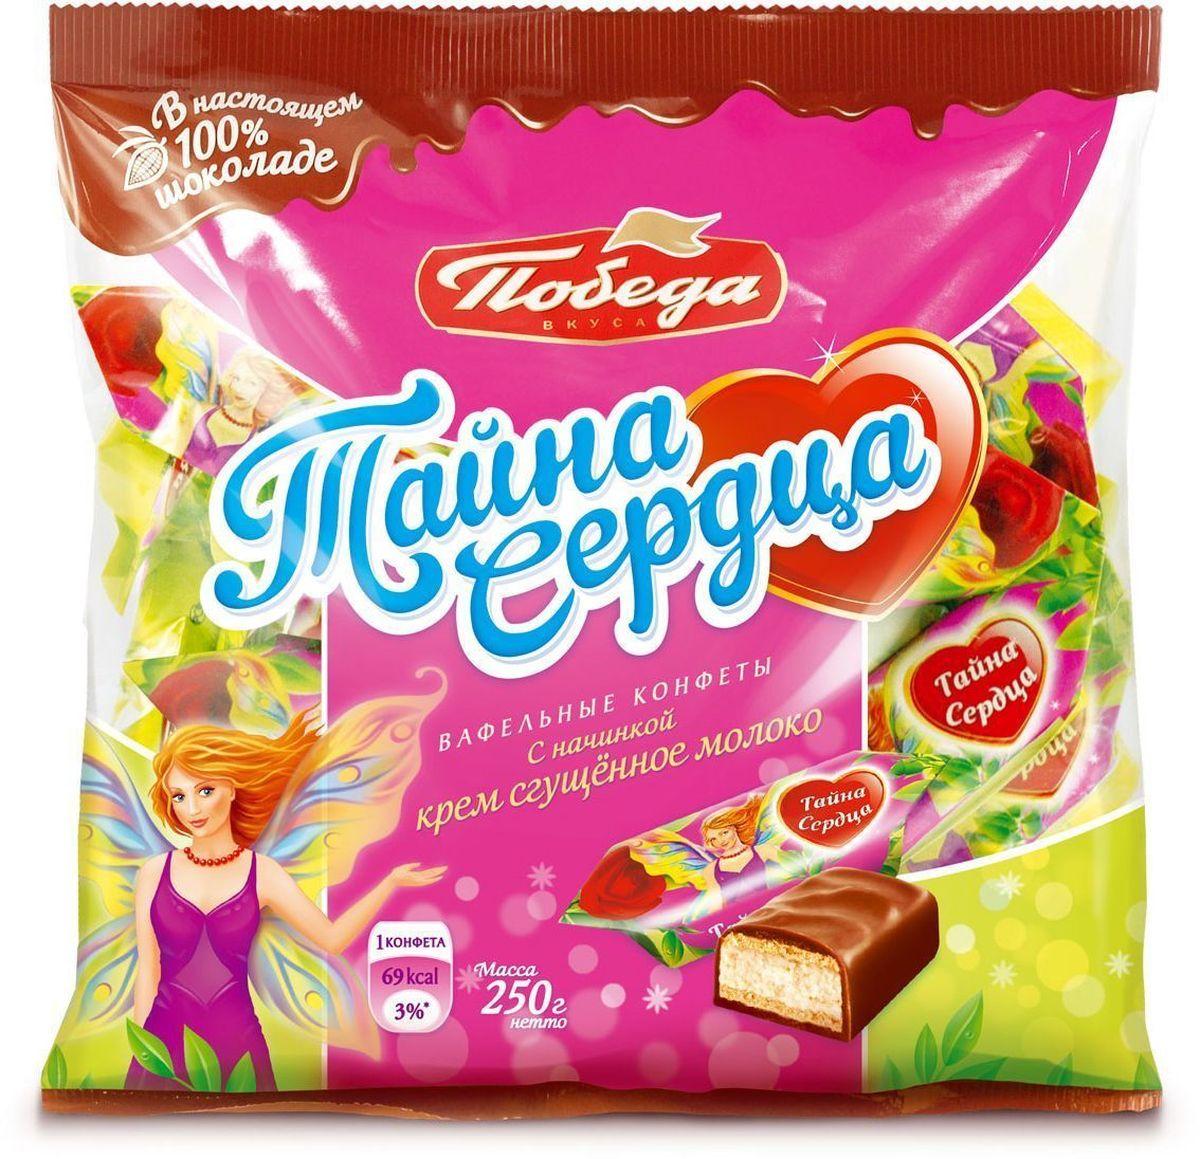 Победа вкуса Тайна сердца вафельные конфеты с начинкой крем сгущенное молоко в молочном шоколаде, 250 г kitkat mini темный шоколад с хрустящей вафлей 185 г